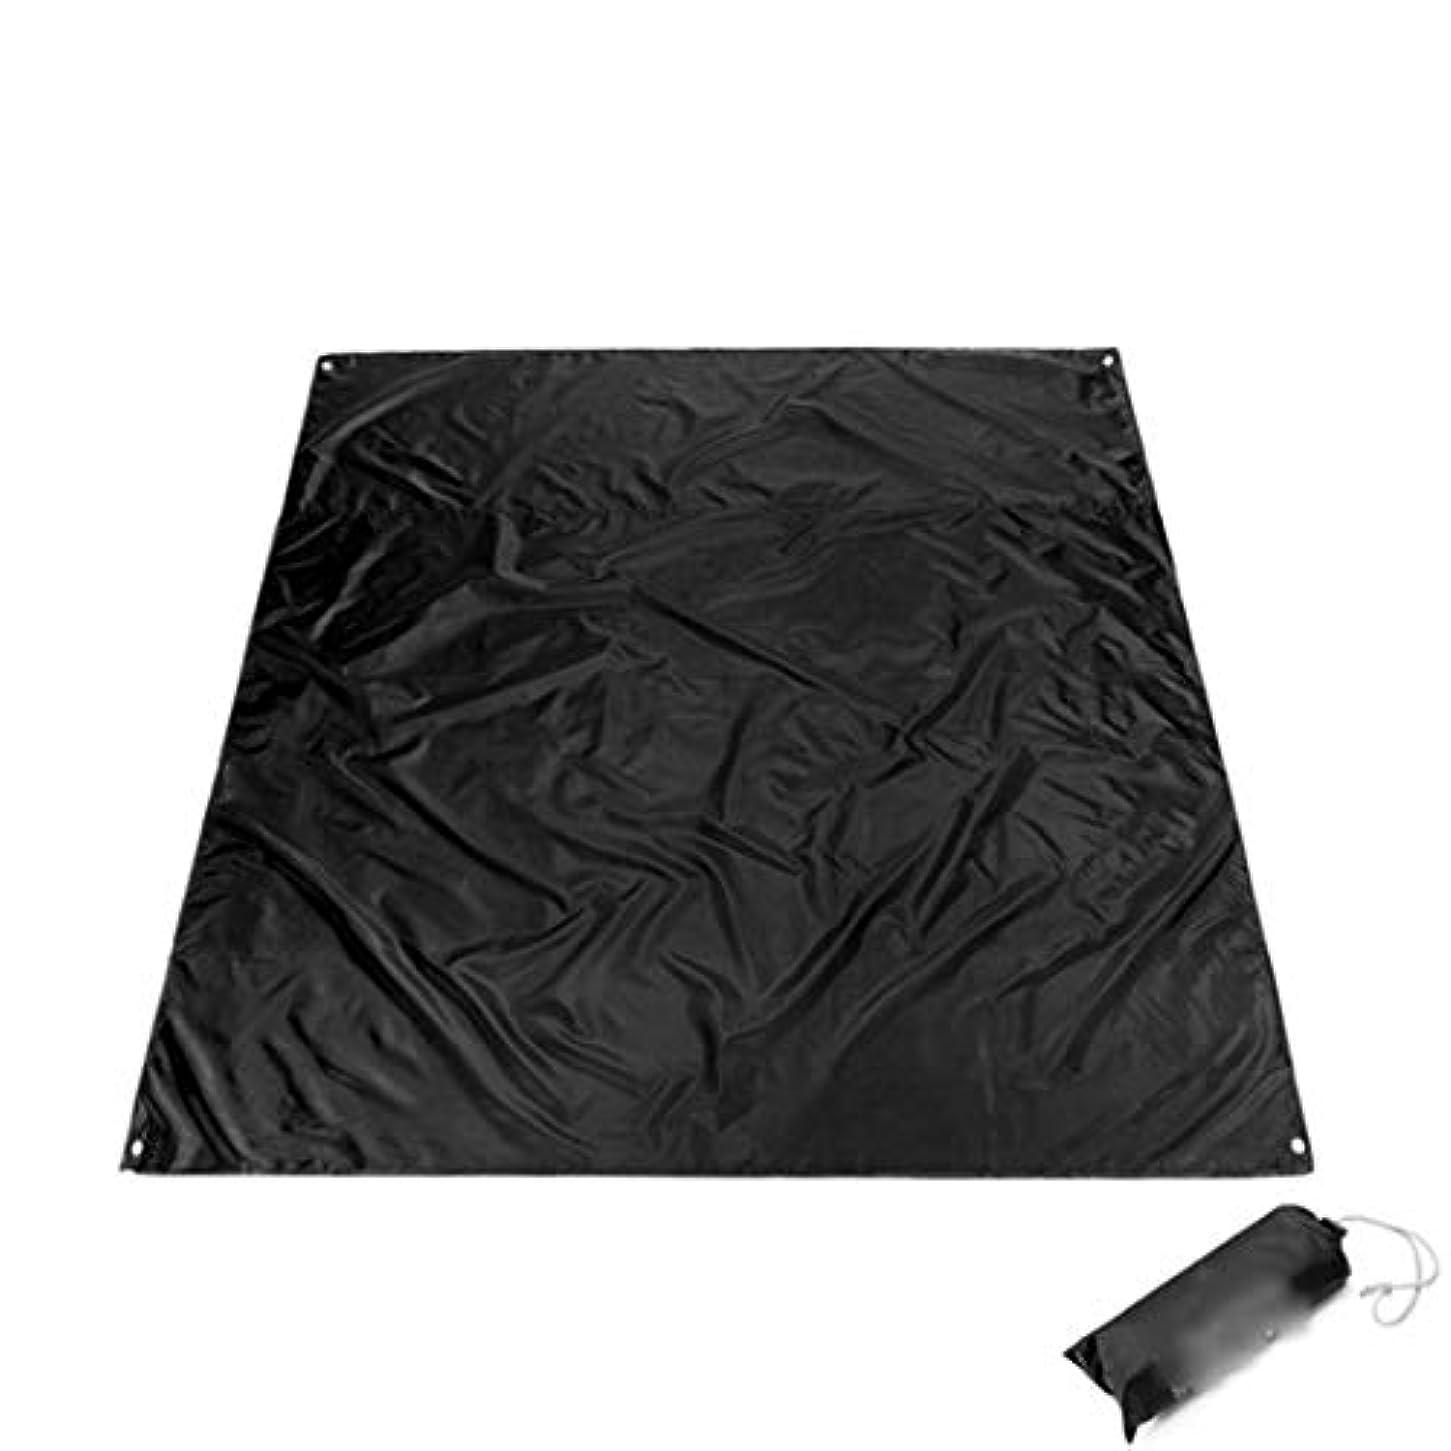 あいまいなヘッドレス氏CAFUTY 旅行やキャンプのための大規模な防水屋外ピクニックブランケット (Color : ブラック)